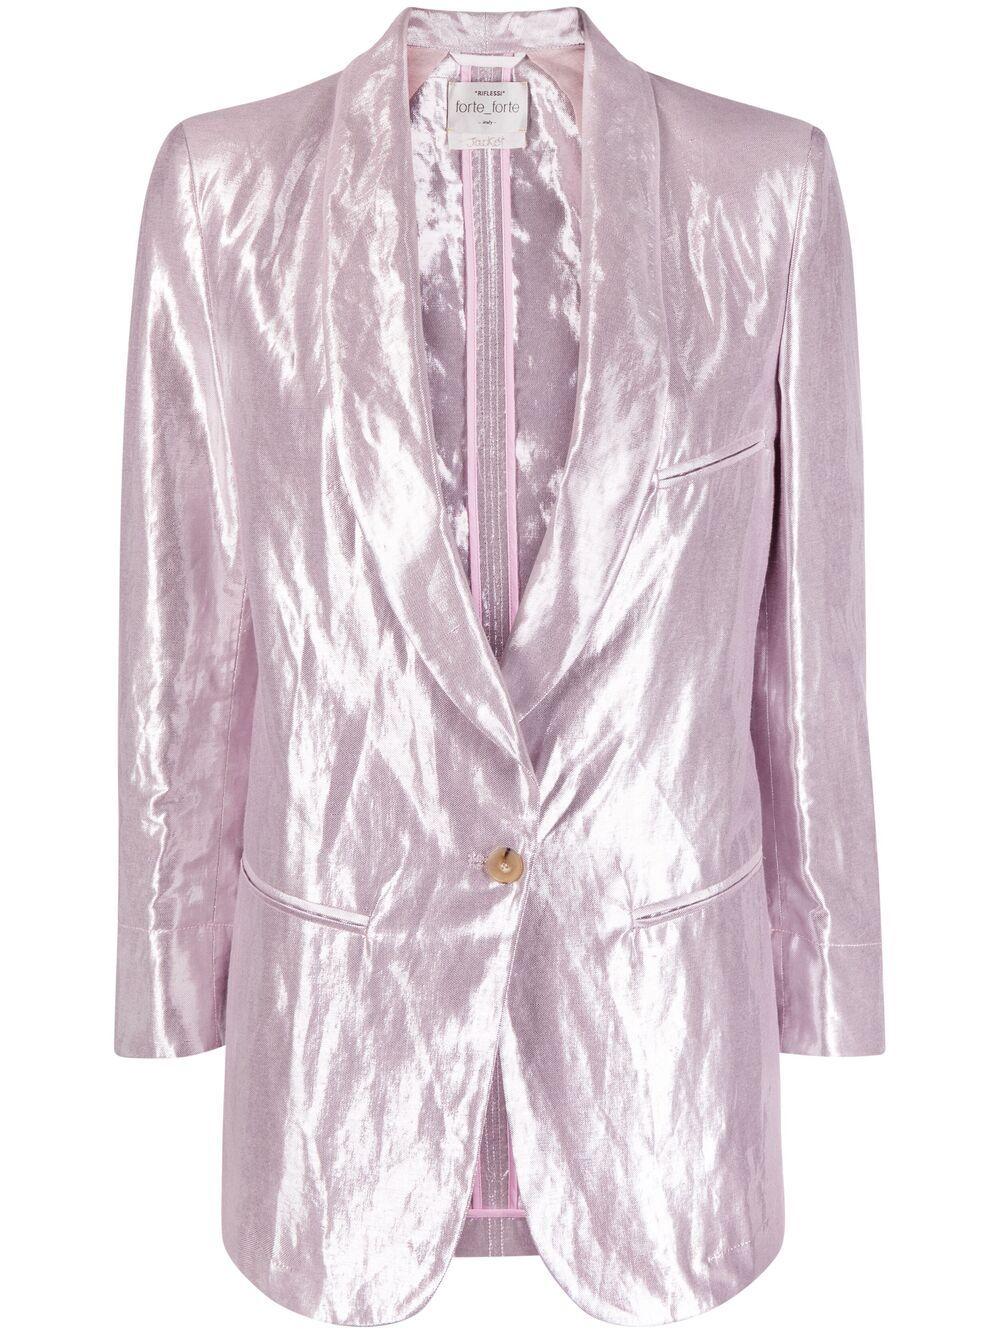 Blazer monopetto in cotone e lino rosa pastello con riflessi metallizzati FORTE_FORTE | Giacche | 8205CONCHIGLIA